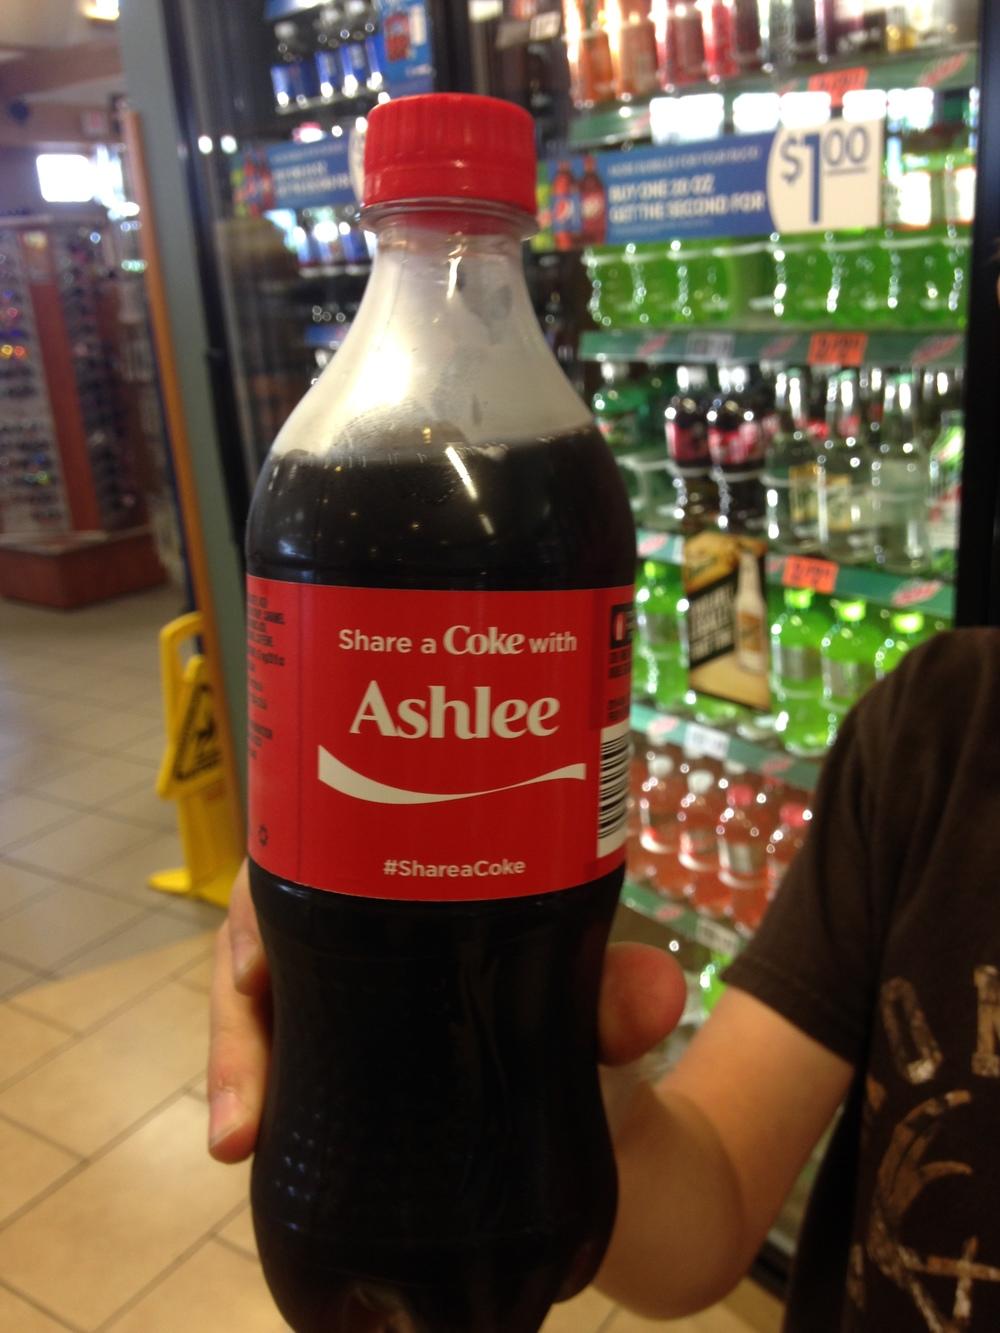 Share-a-Coke-with-Ashlee.jpg